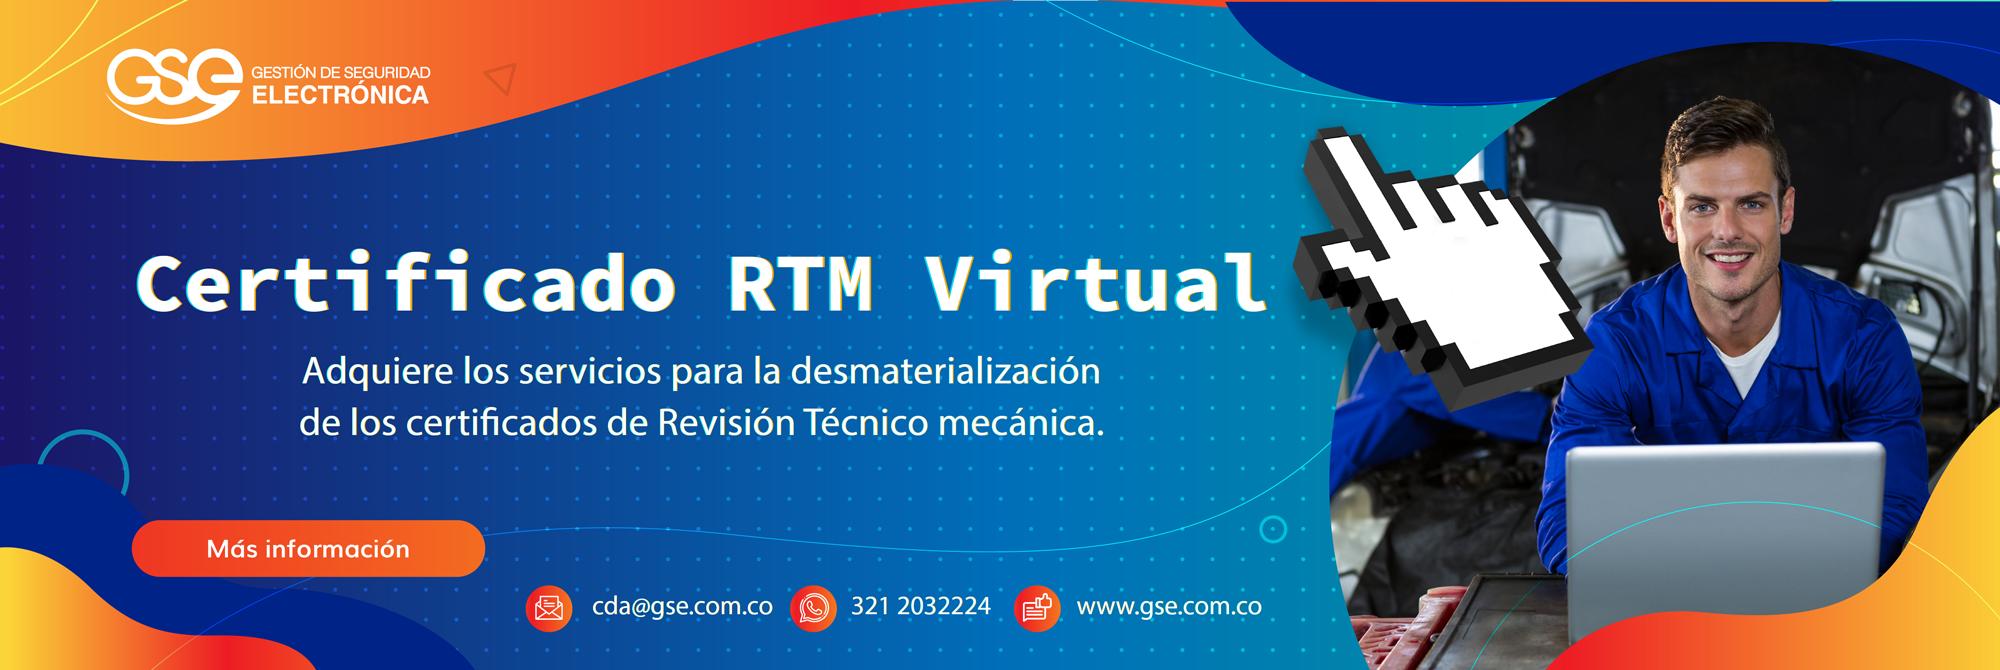 Banner Revisión Técnico Mecánica Virtual